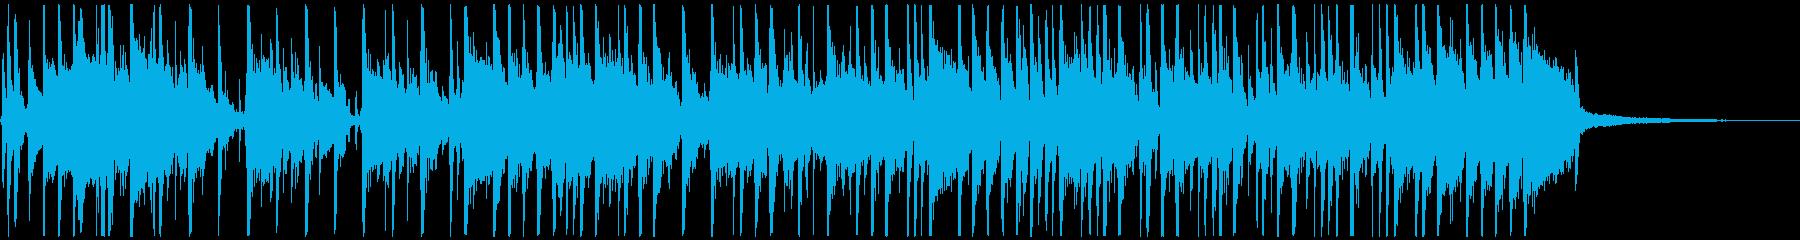 ジングル3、コミカルなFunk Rockの再生済みの波形